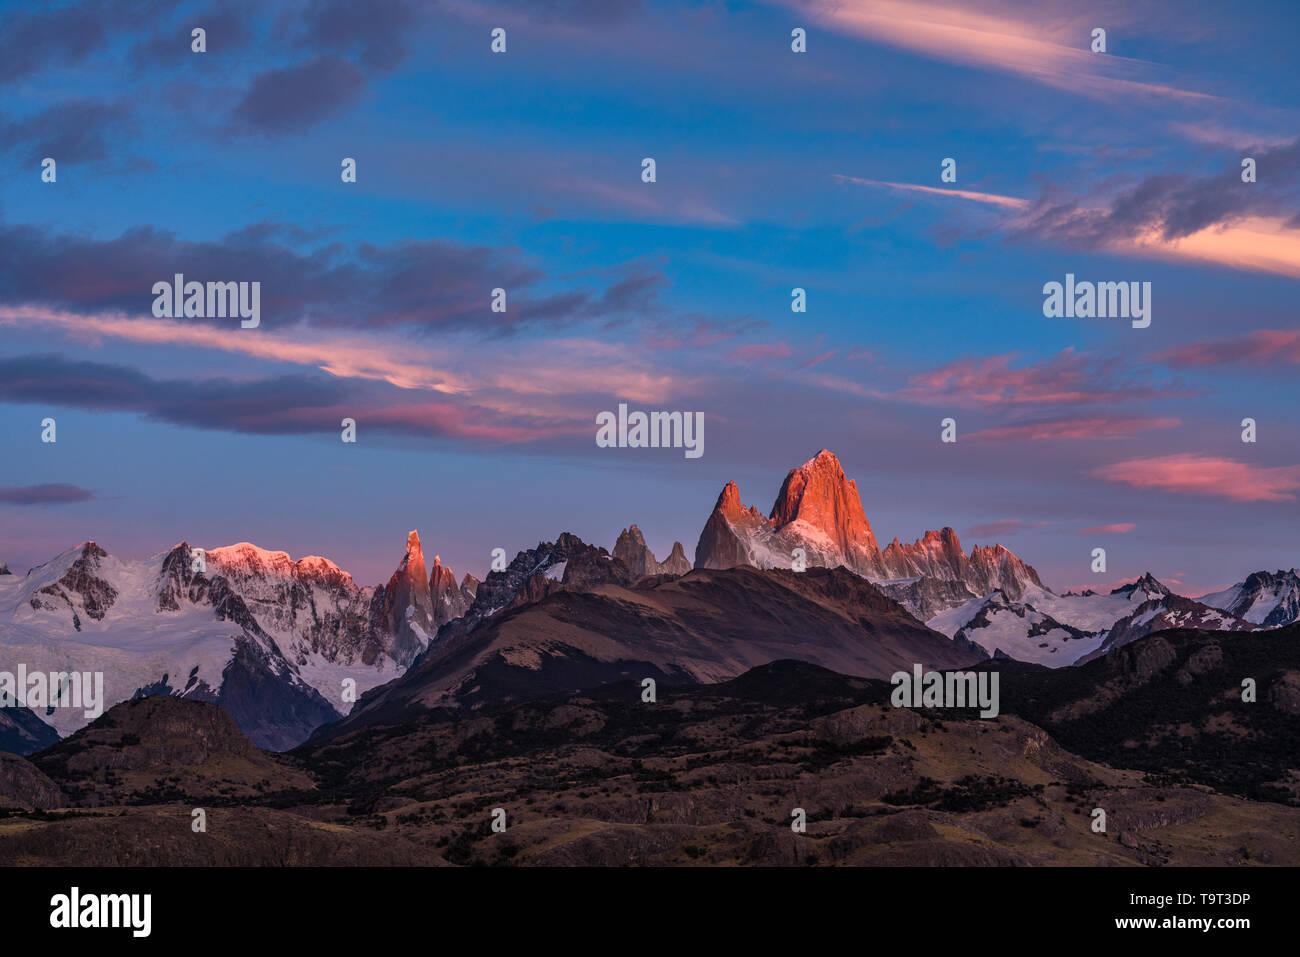 La primera luz del amanecer sobre el macizo Fitz Roy con luz en el Monte Fitz Roy y el Cerro Torre. Parque Nacional Los Glaciares, cerca de El Chaltén, Argentina. Foto de stock